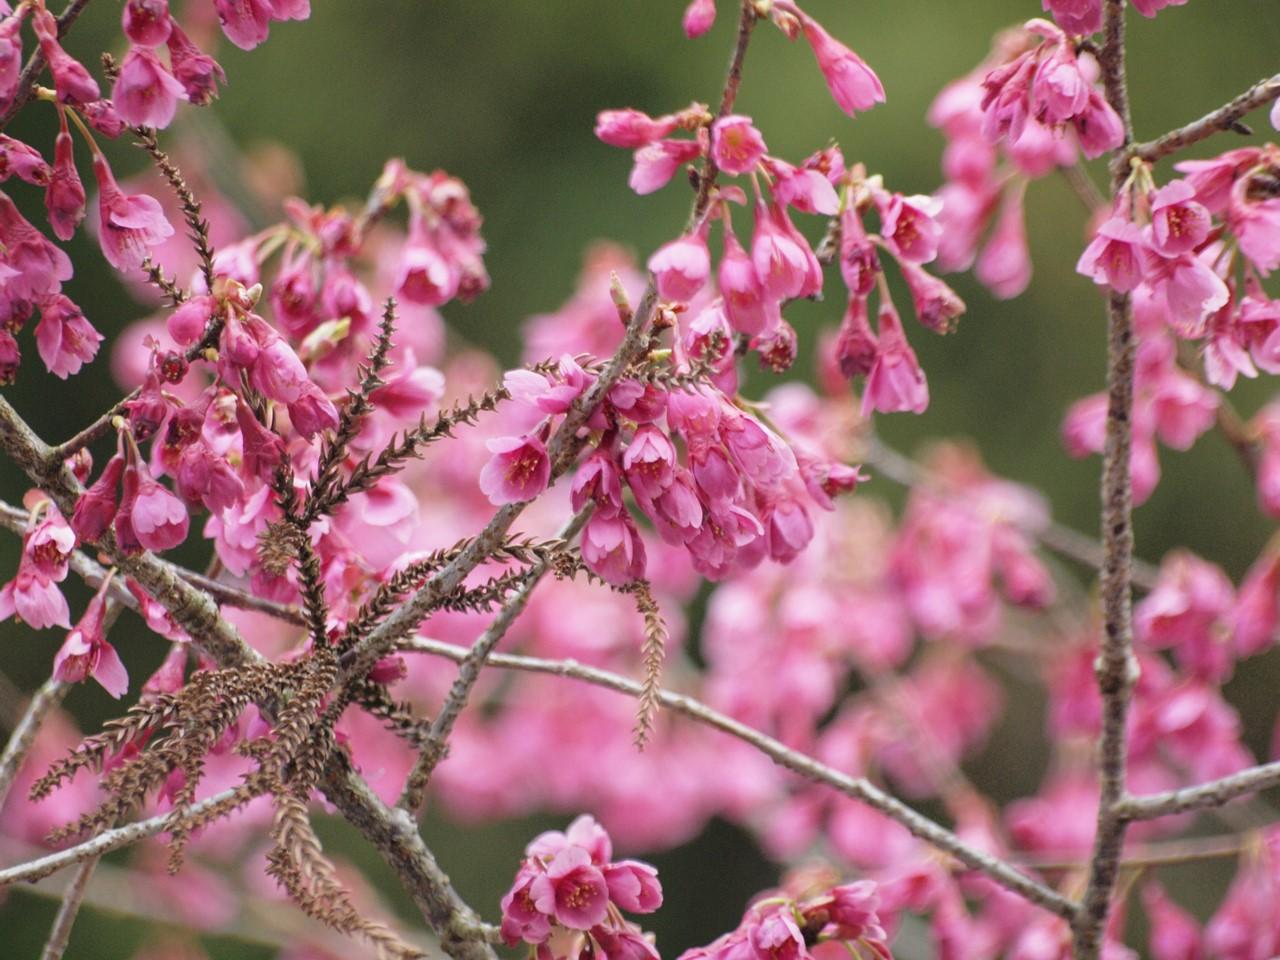 『寺尾ヶ原千本桜公園を歩いて』_d0054276_212327.jpg